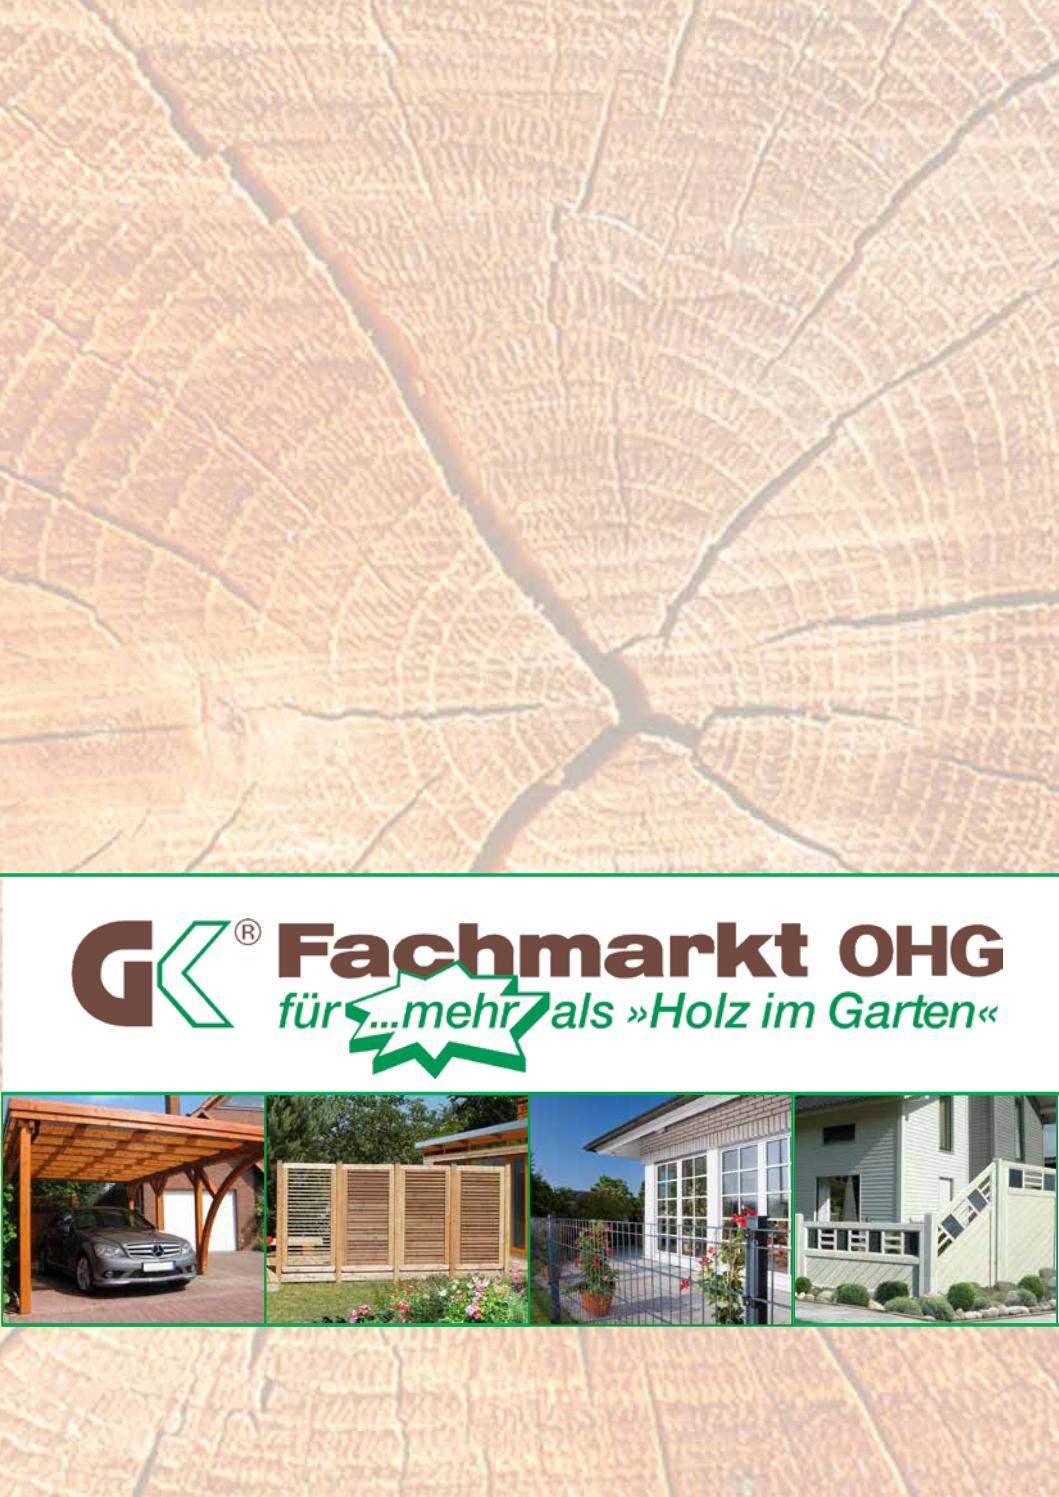 Leisten Latten Bretter Stäbe Platten Balken individuell Holz Zuschnitt Versand